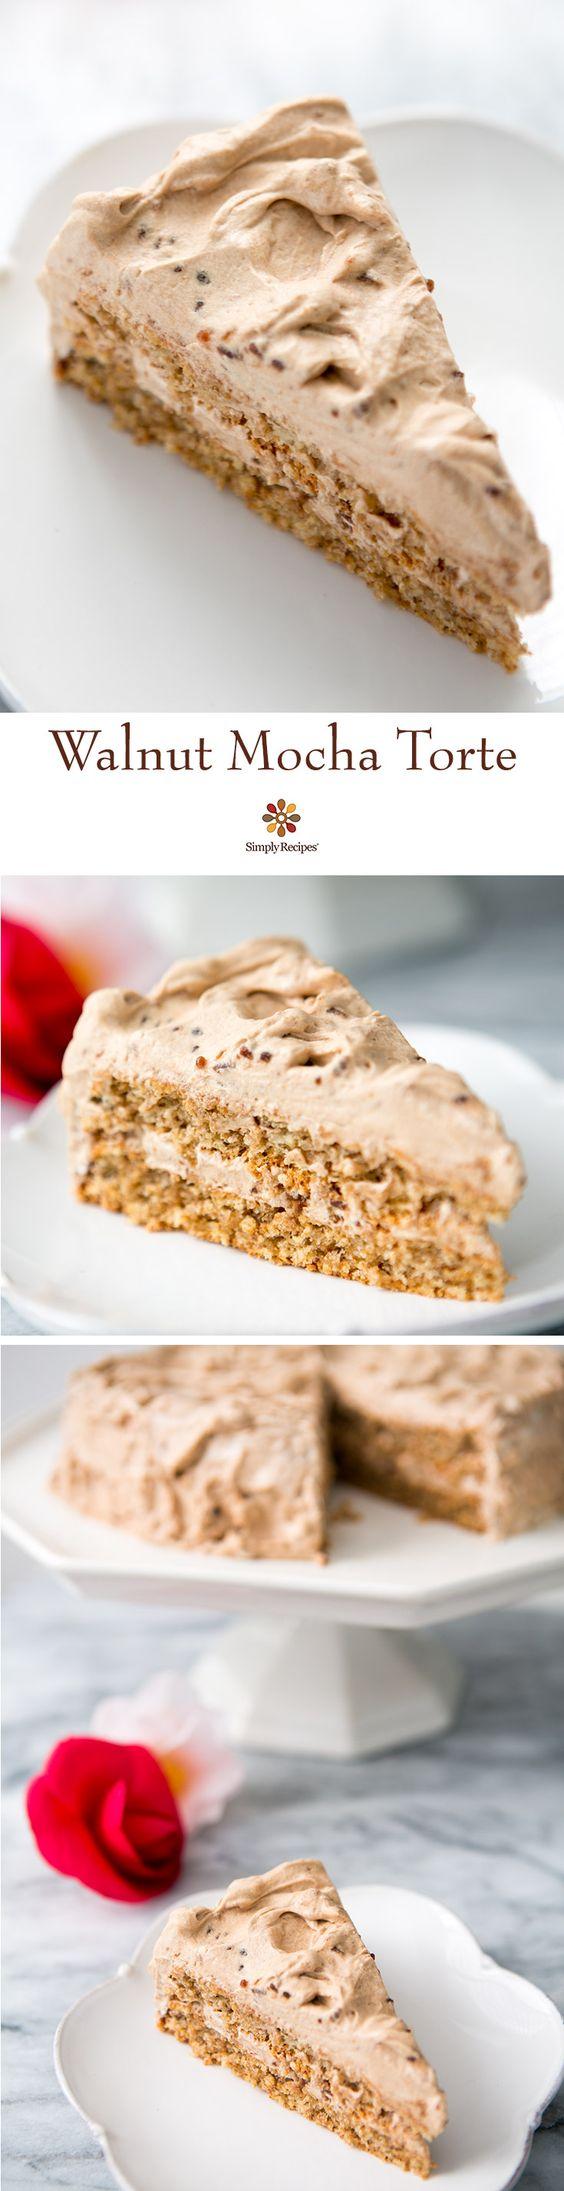 Walnut Mocha Torte ~ German-style torte made with ground walnuts ...